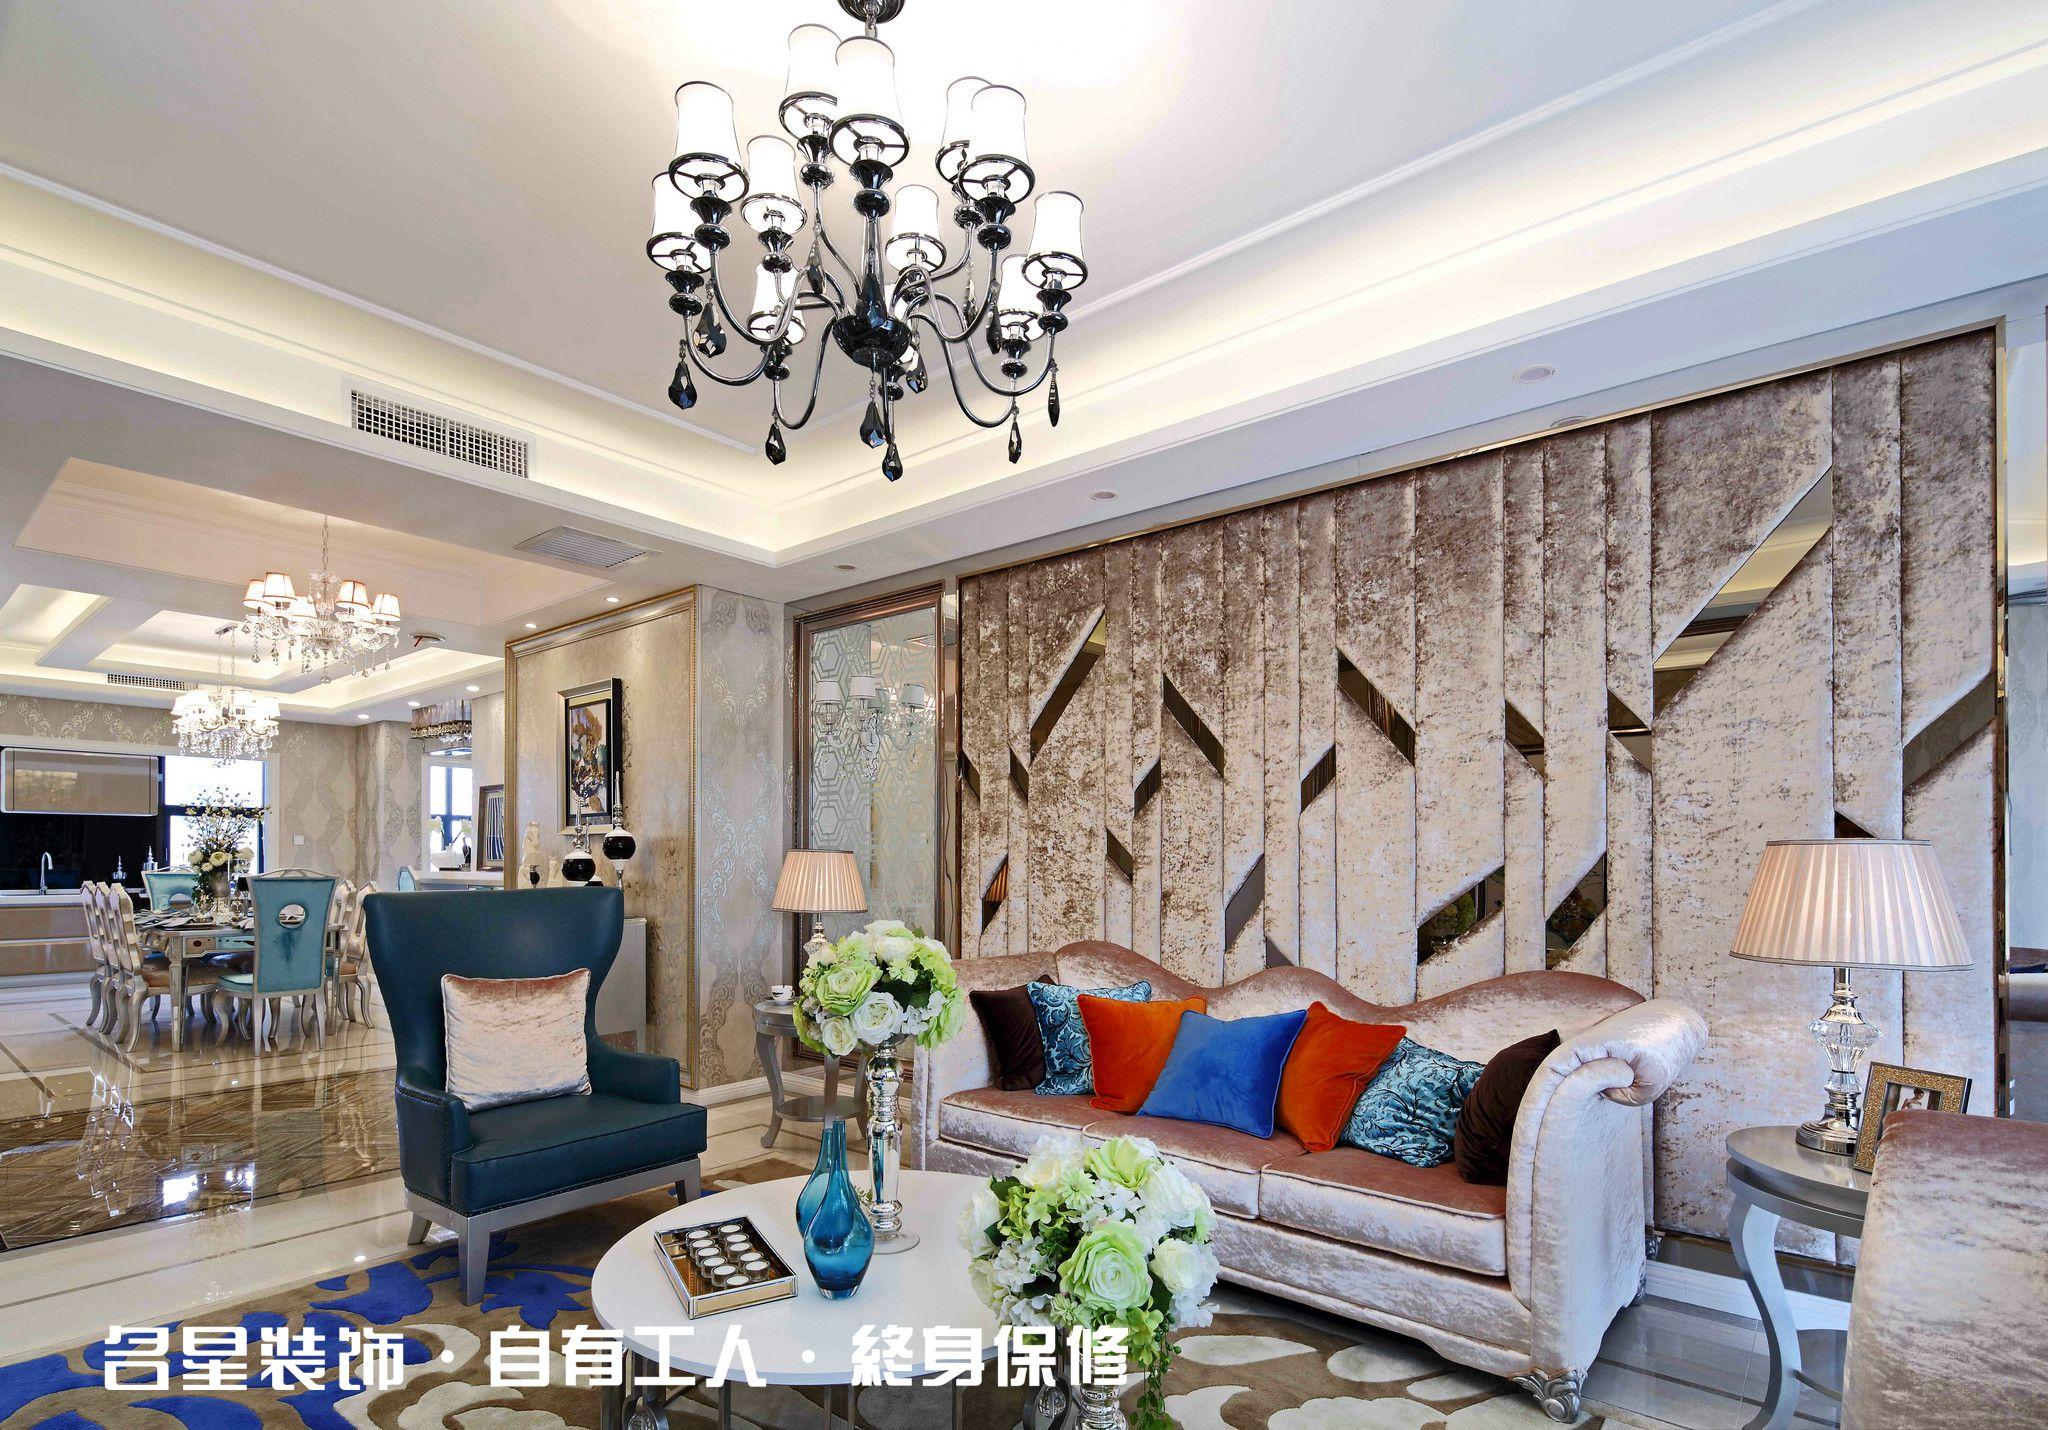 三居 欧式 低奢 客厅图片来自名星装饰在复地东湖国际的分享